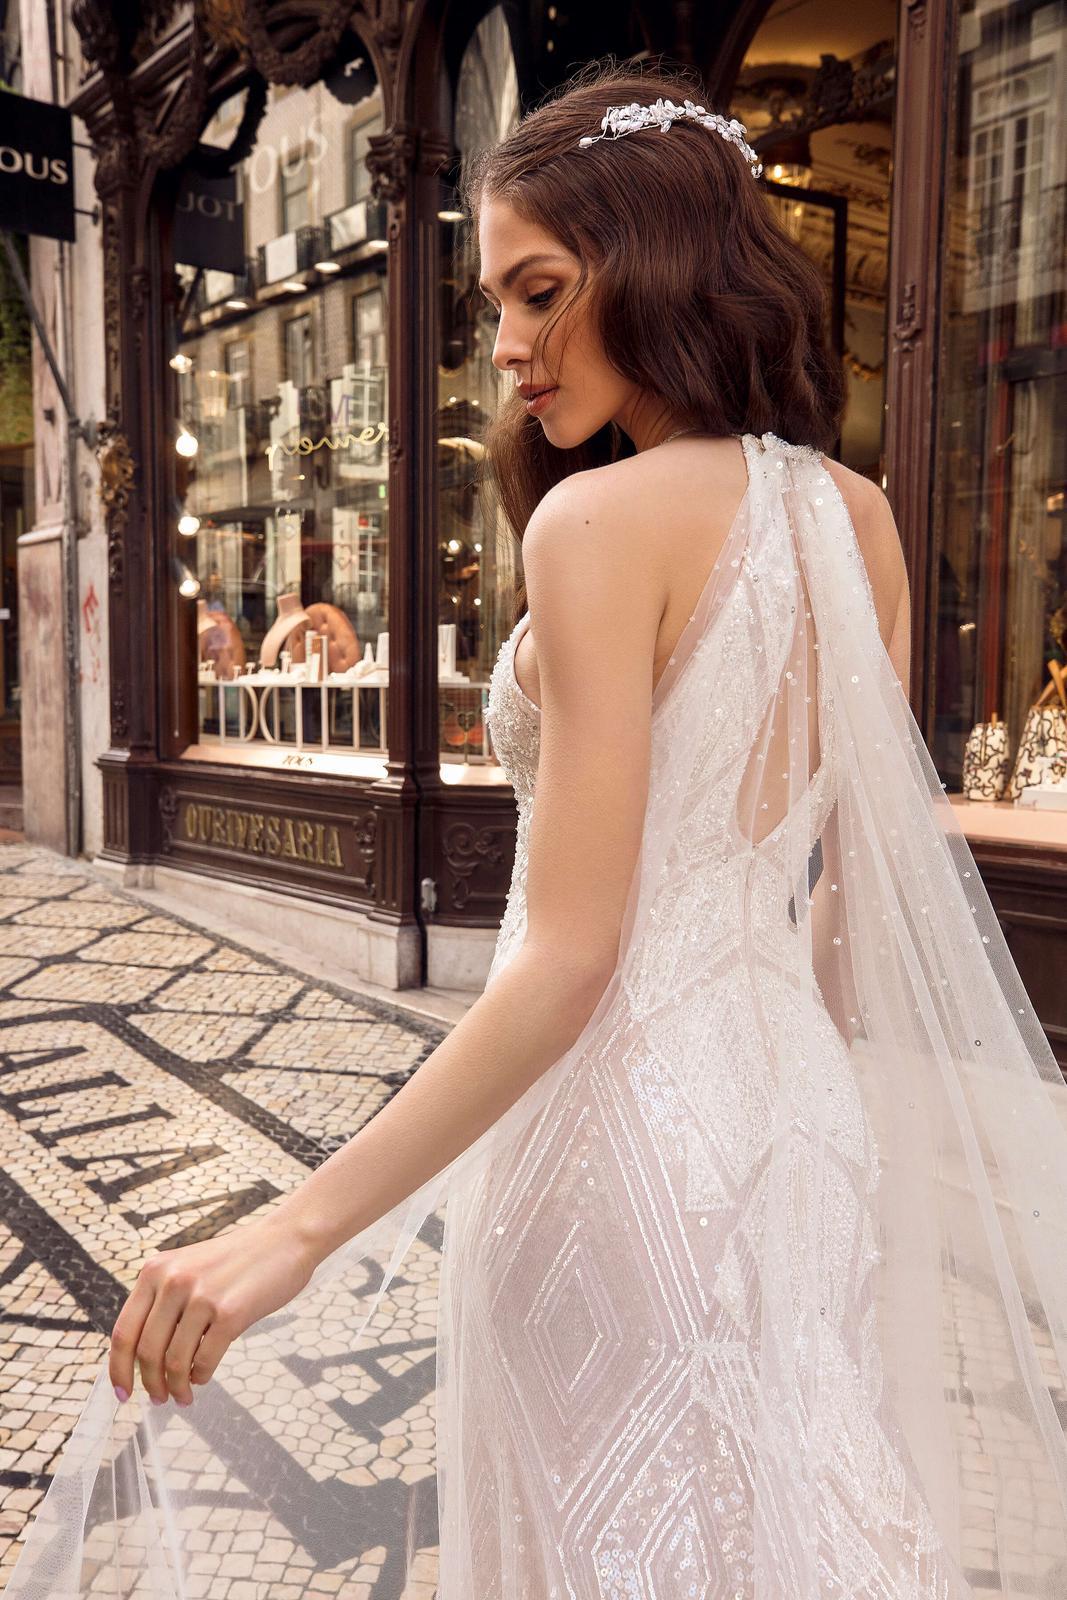 Innocentia Divina 2019 * Svadobné šaty z kolekcií na rok 2019 - Obrázok č. 44